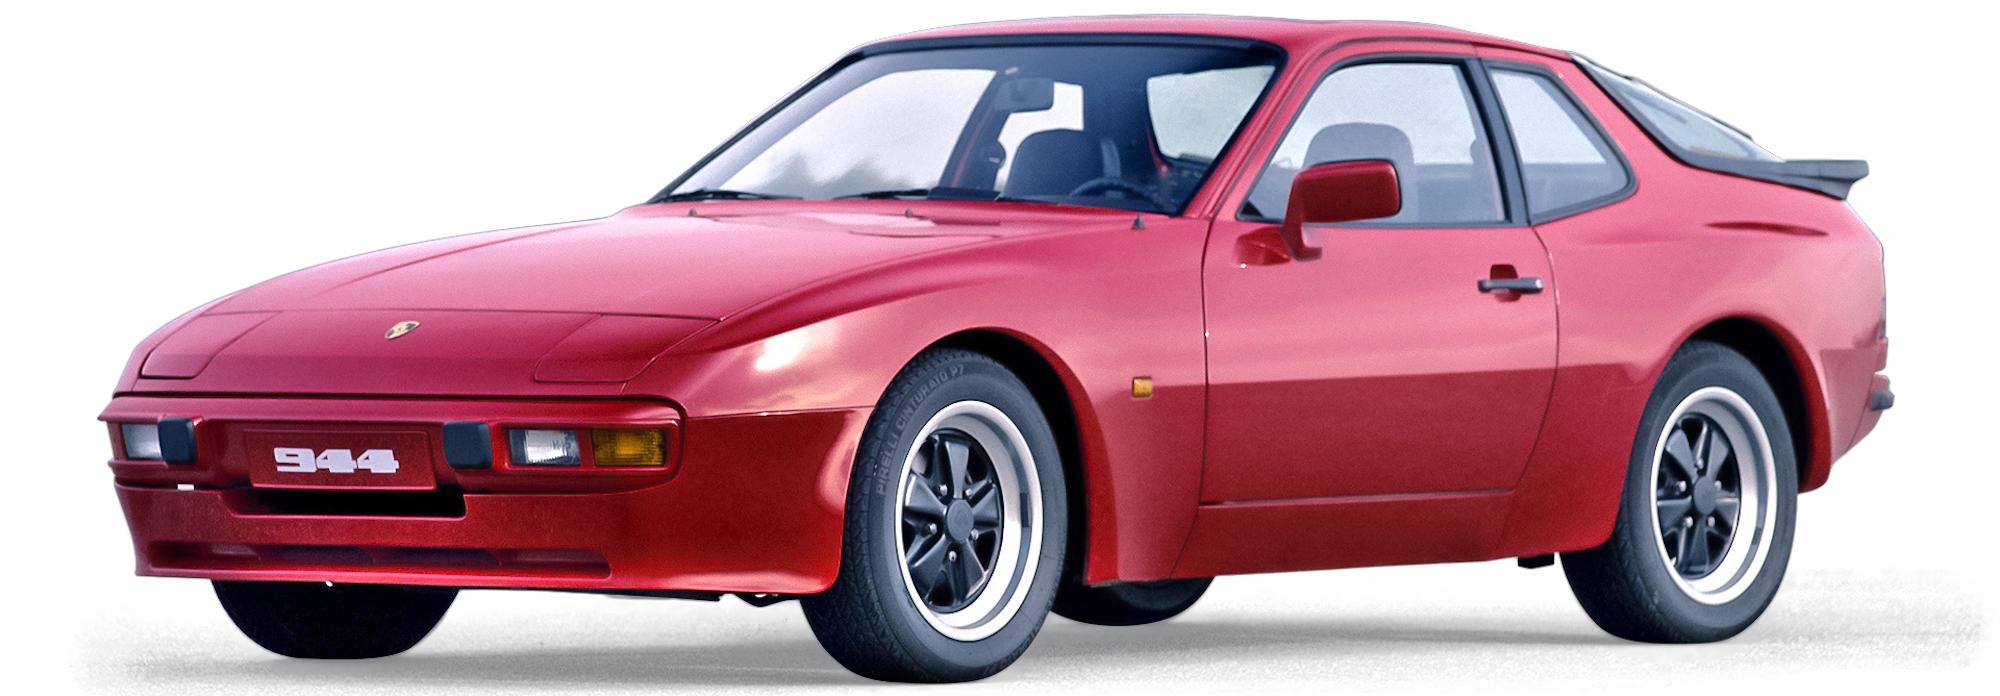 Porsche 944 (1981-1991)